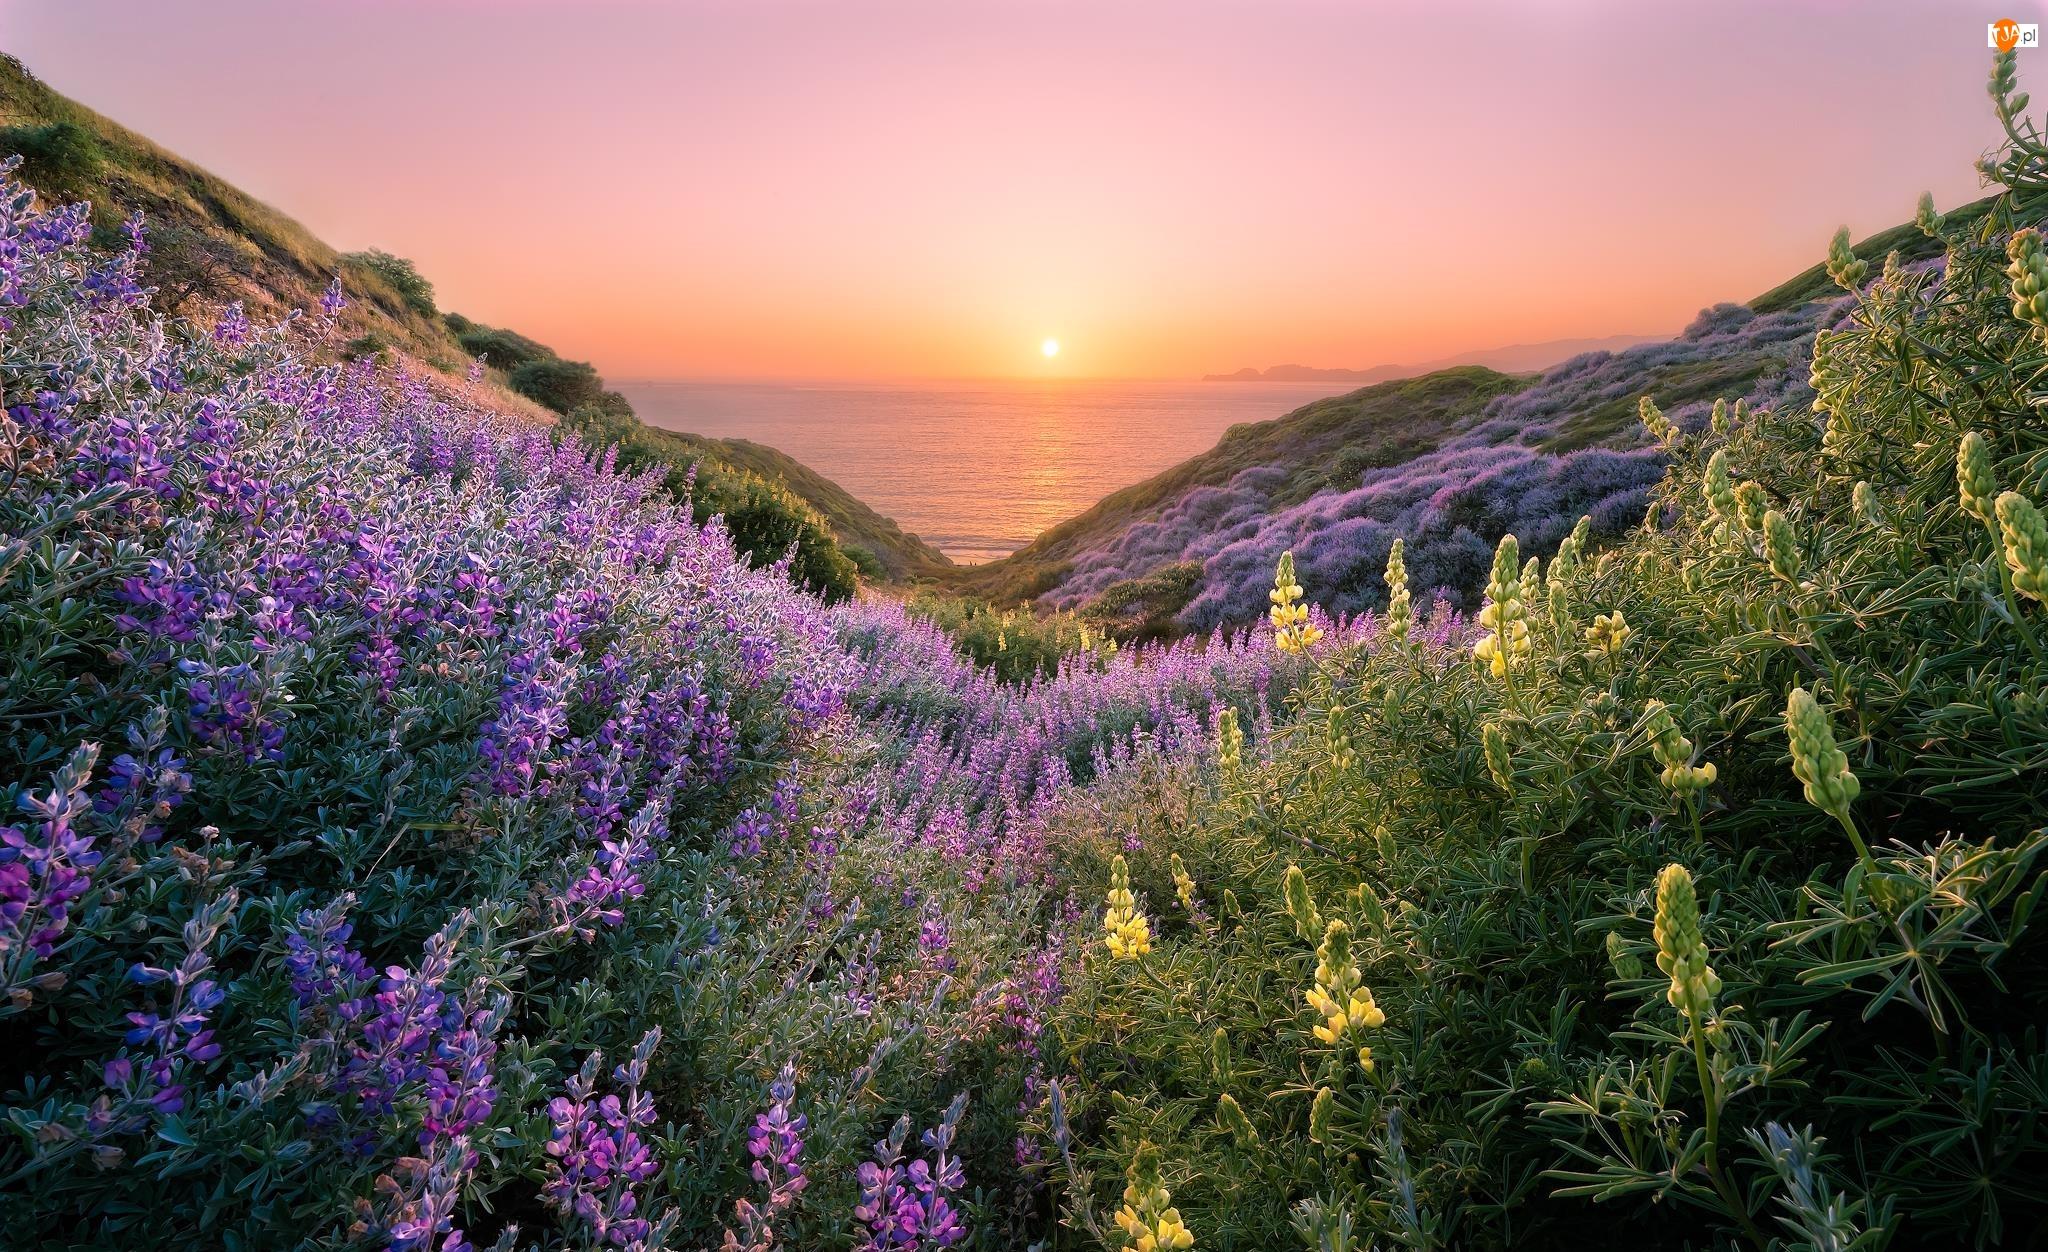 Morze, Kwiaty, Wzgórza, Stan Kalifornia, Szlak Coastal Trail, Stany Zjednoczone, Zachód słońca, San Francisco, Łubin